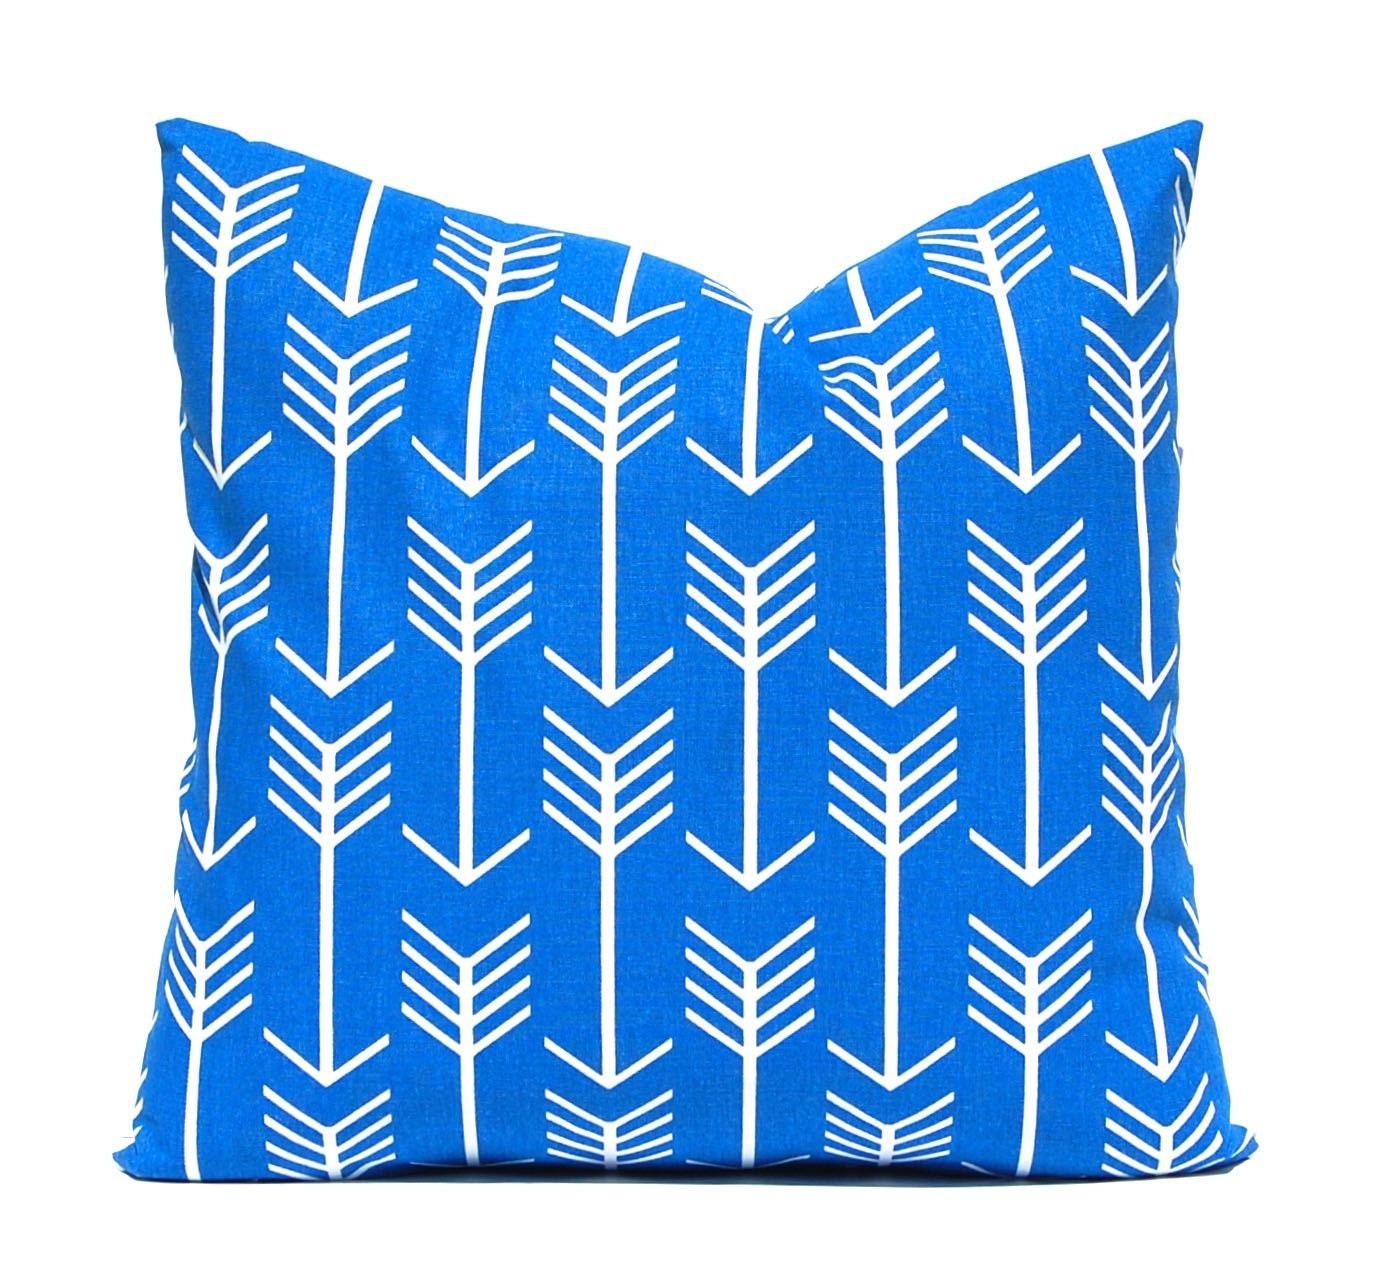 Cobalt Blue Throw Pillow Covers : Cobalt Blue Pillow Covers Royal Blue Pillows by CompanyTwentySix